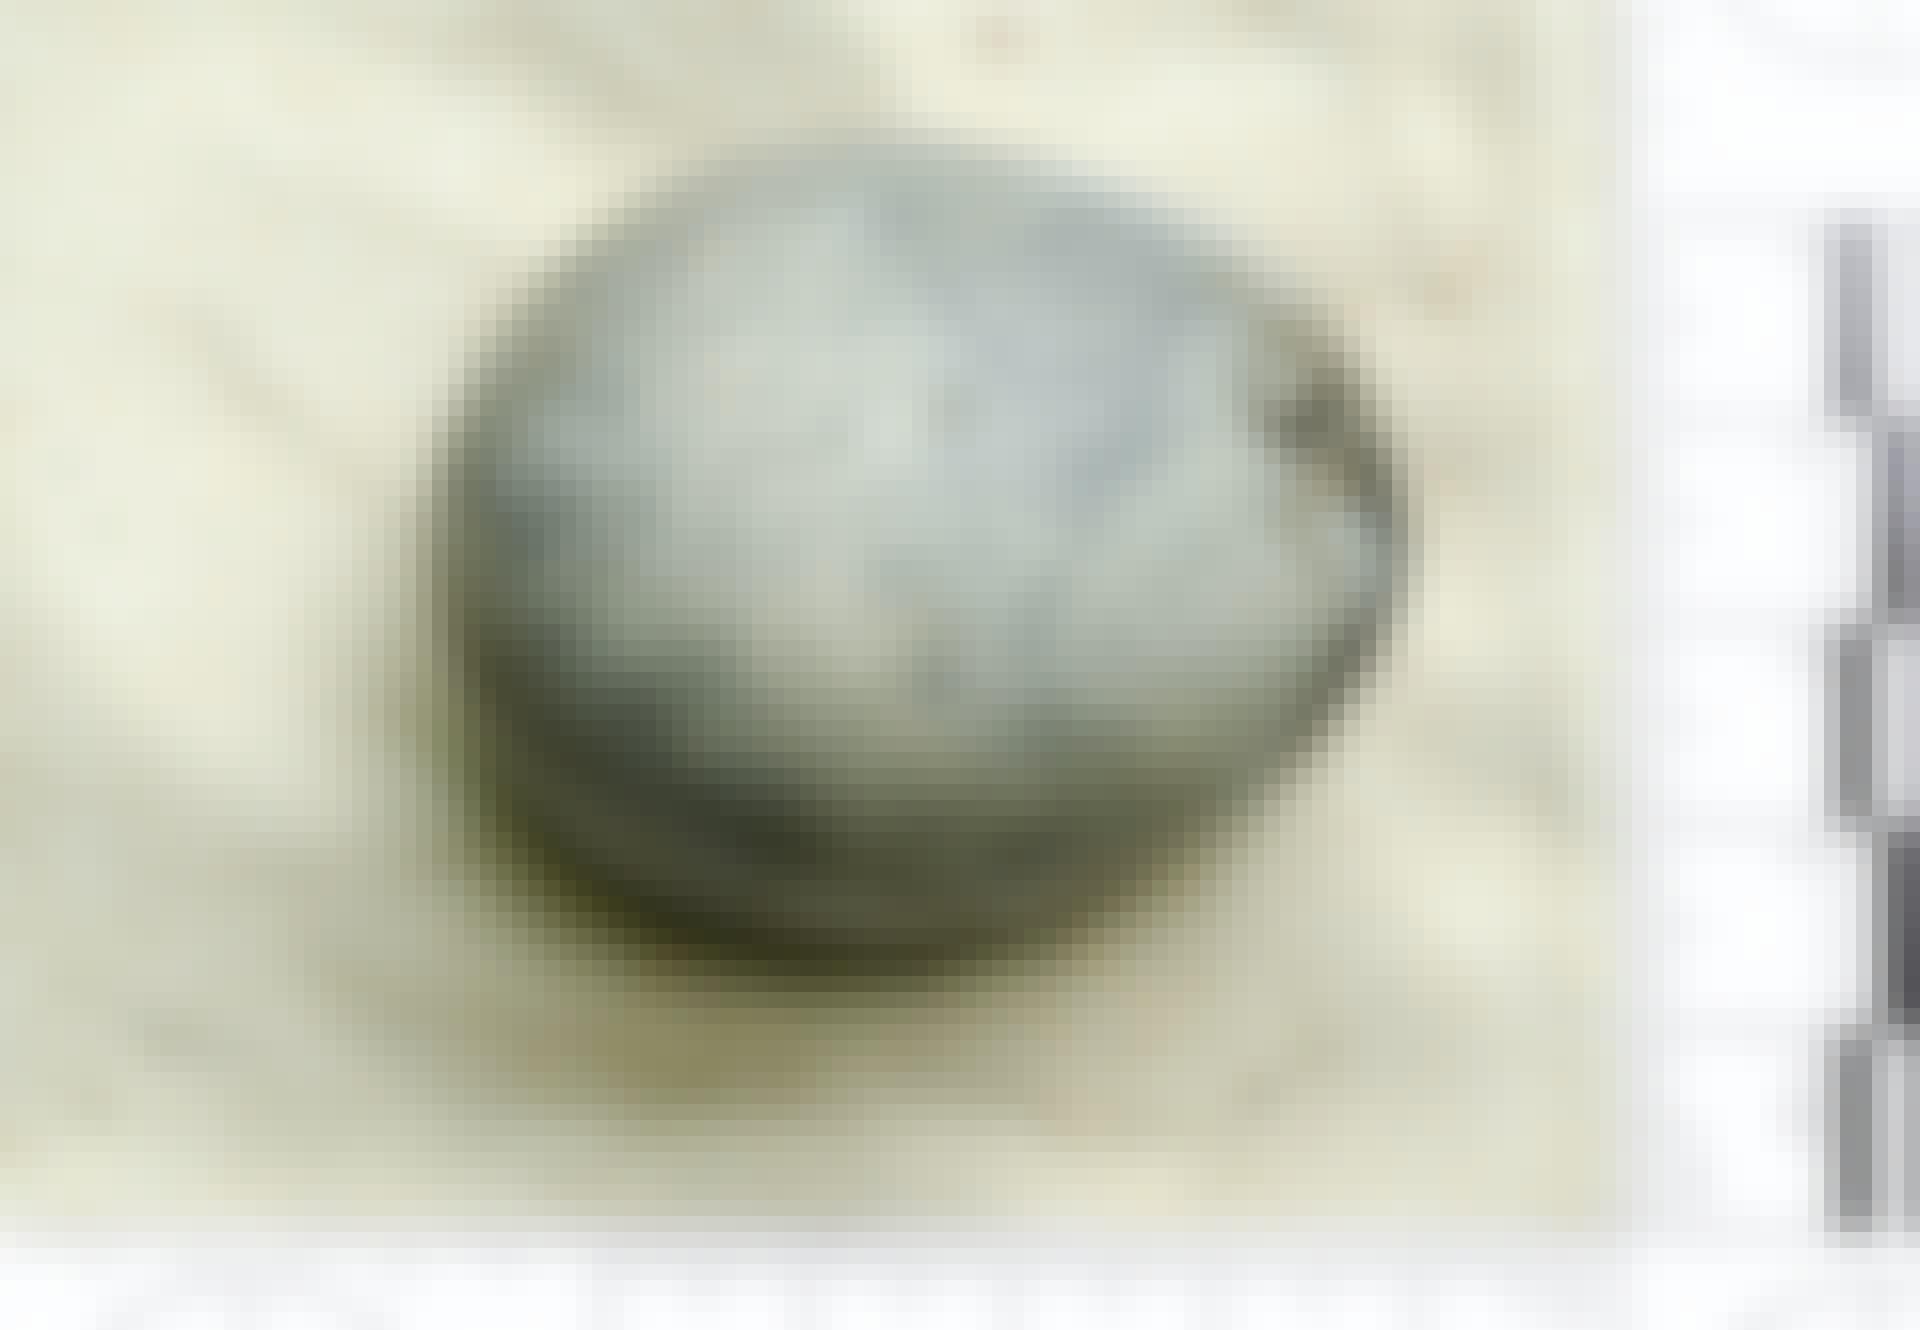 Nyhed romersk æg udgravet